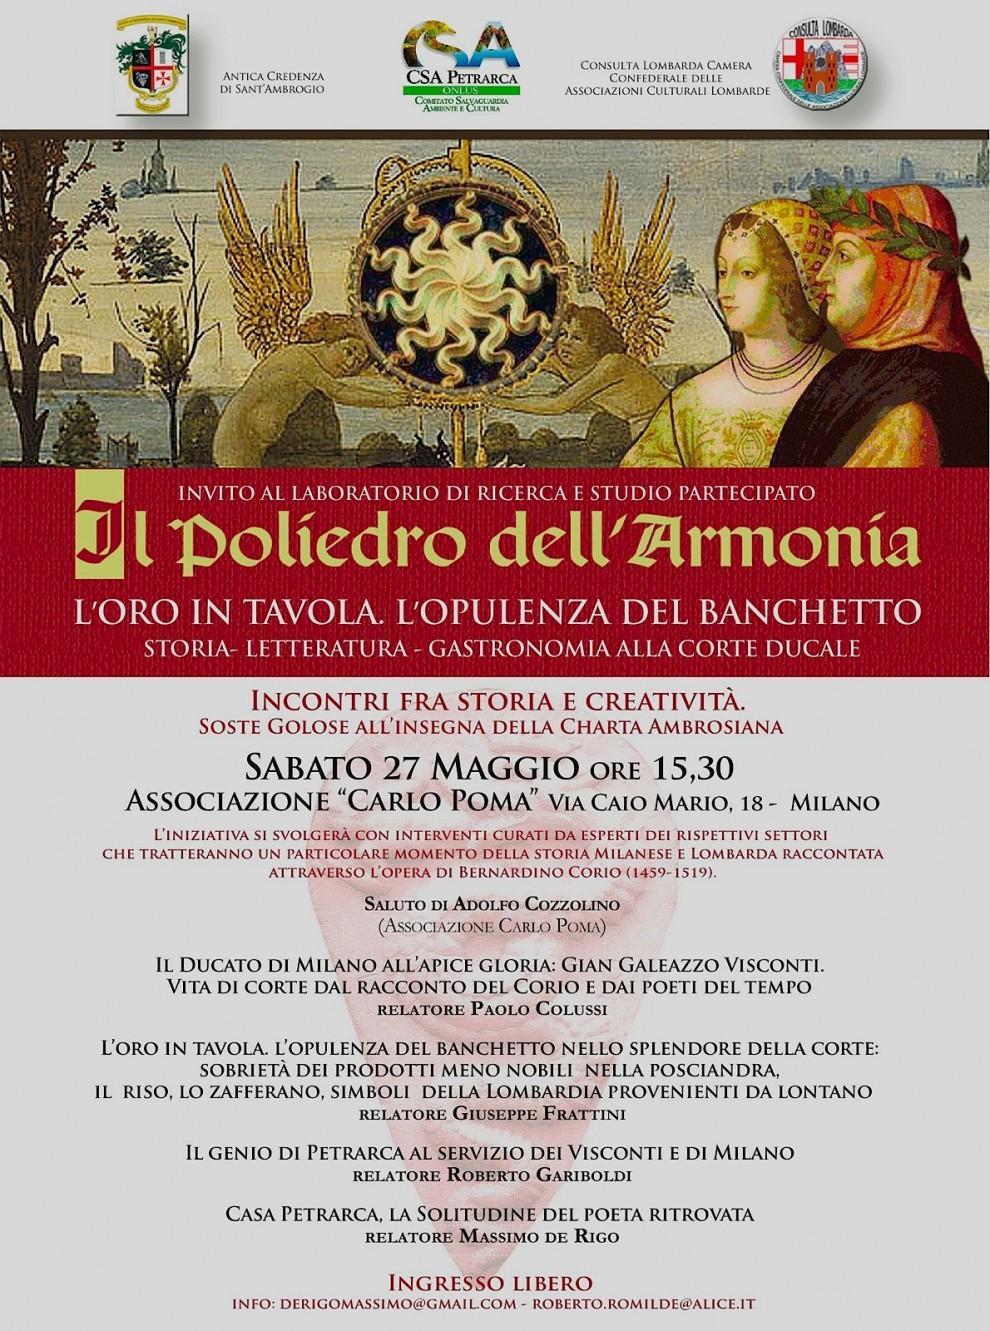 Poster Poliedro dell'Armonia (2017)